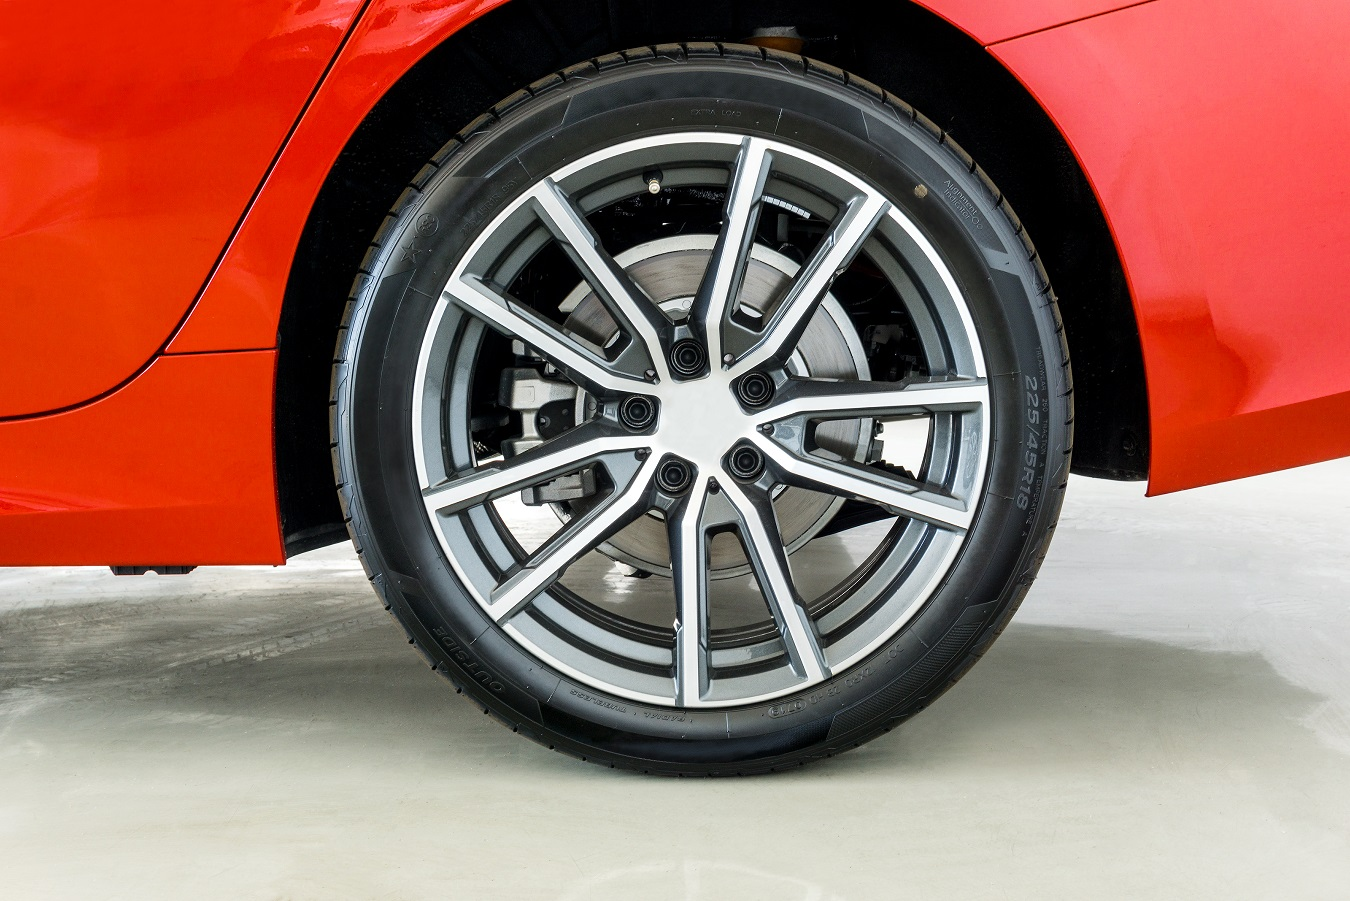 conjunto de pneu e roda de liga leve a frente e de disco e pinca de freio atras